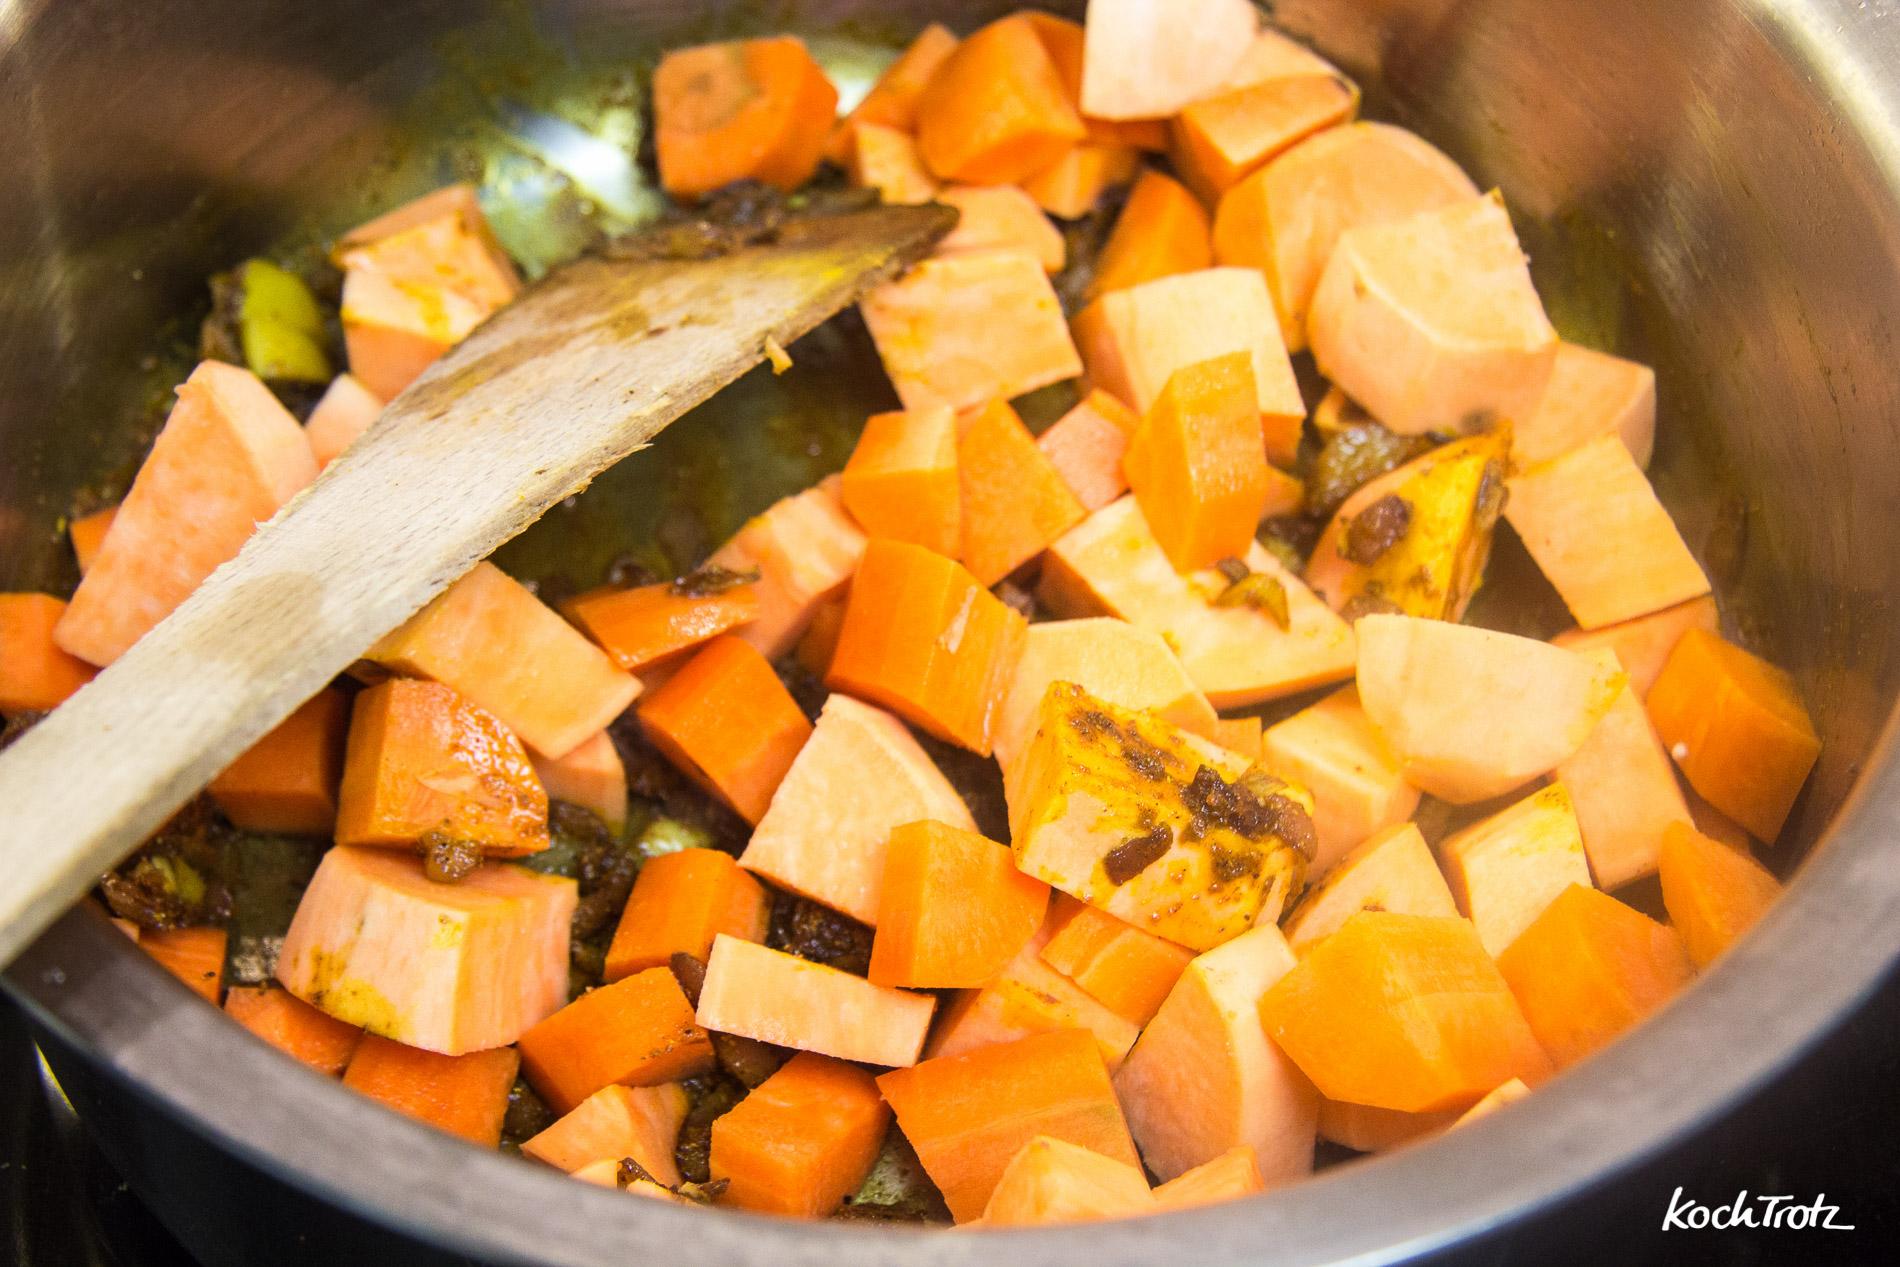 eintopf-mit-pastinaken-suesskartoffeln-kochbanane-karotte-vegan-indisch-1-5